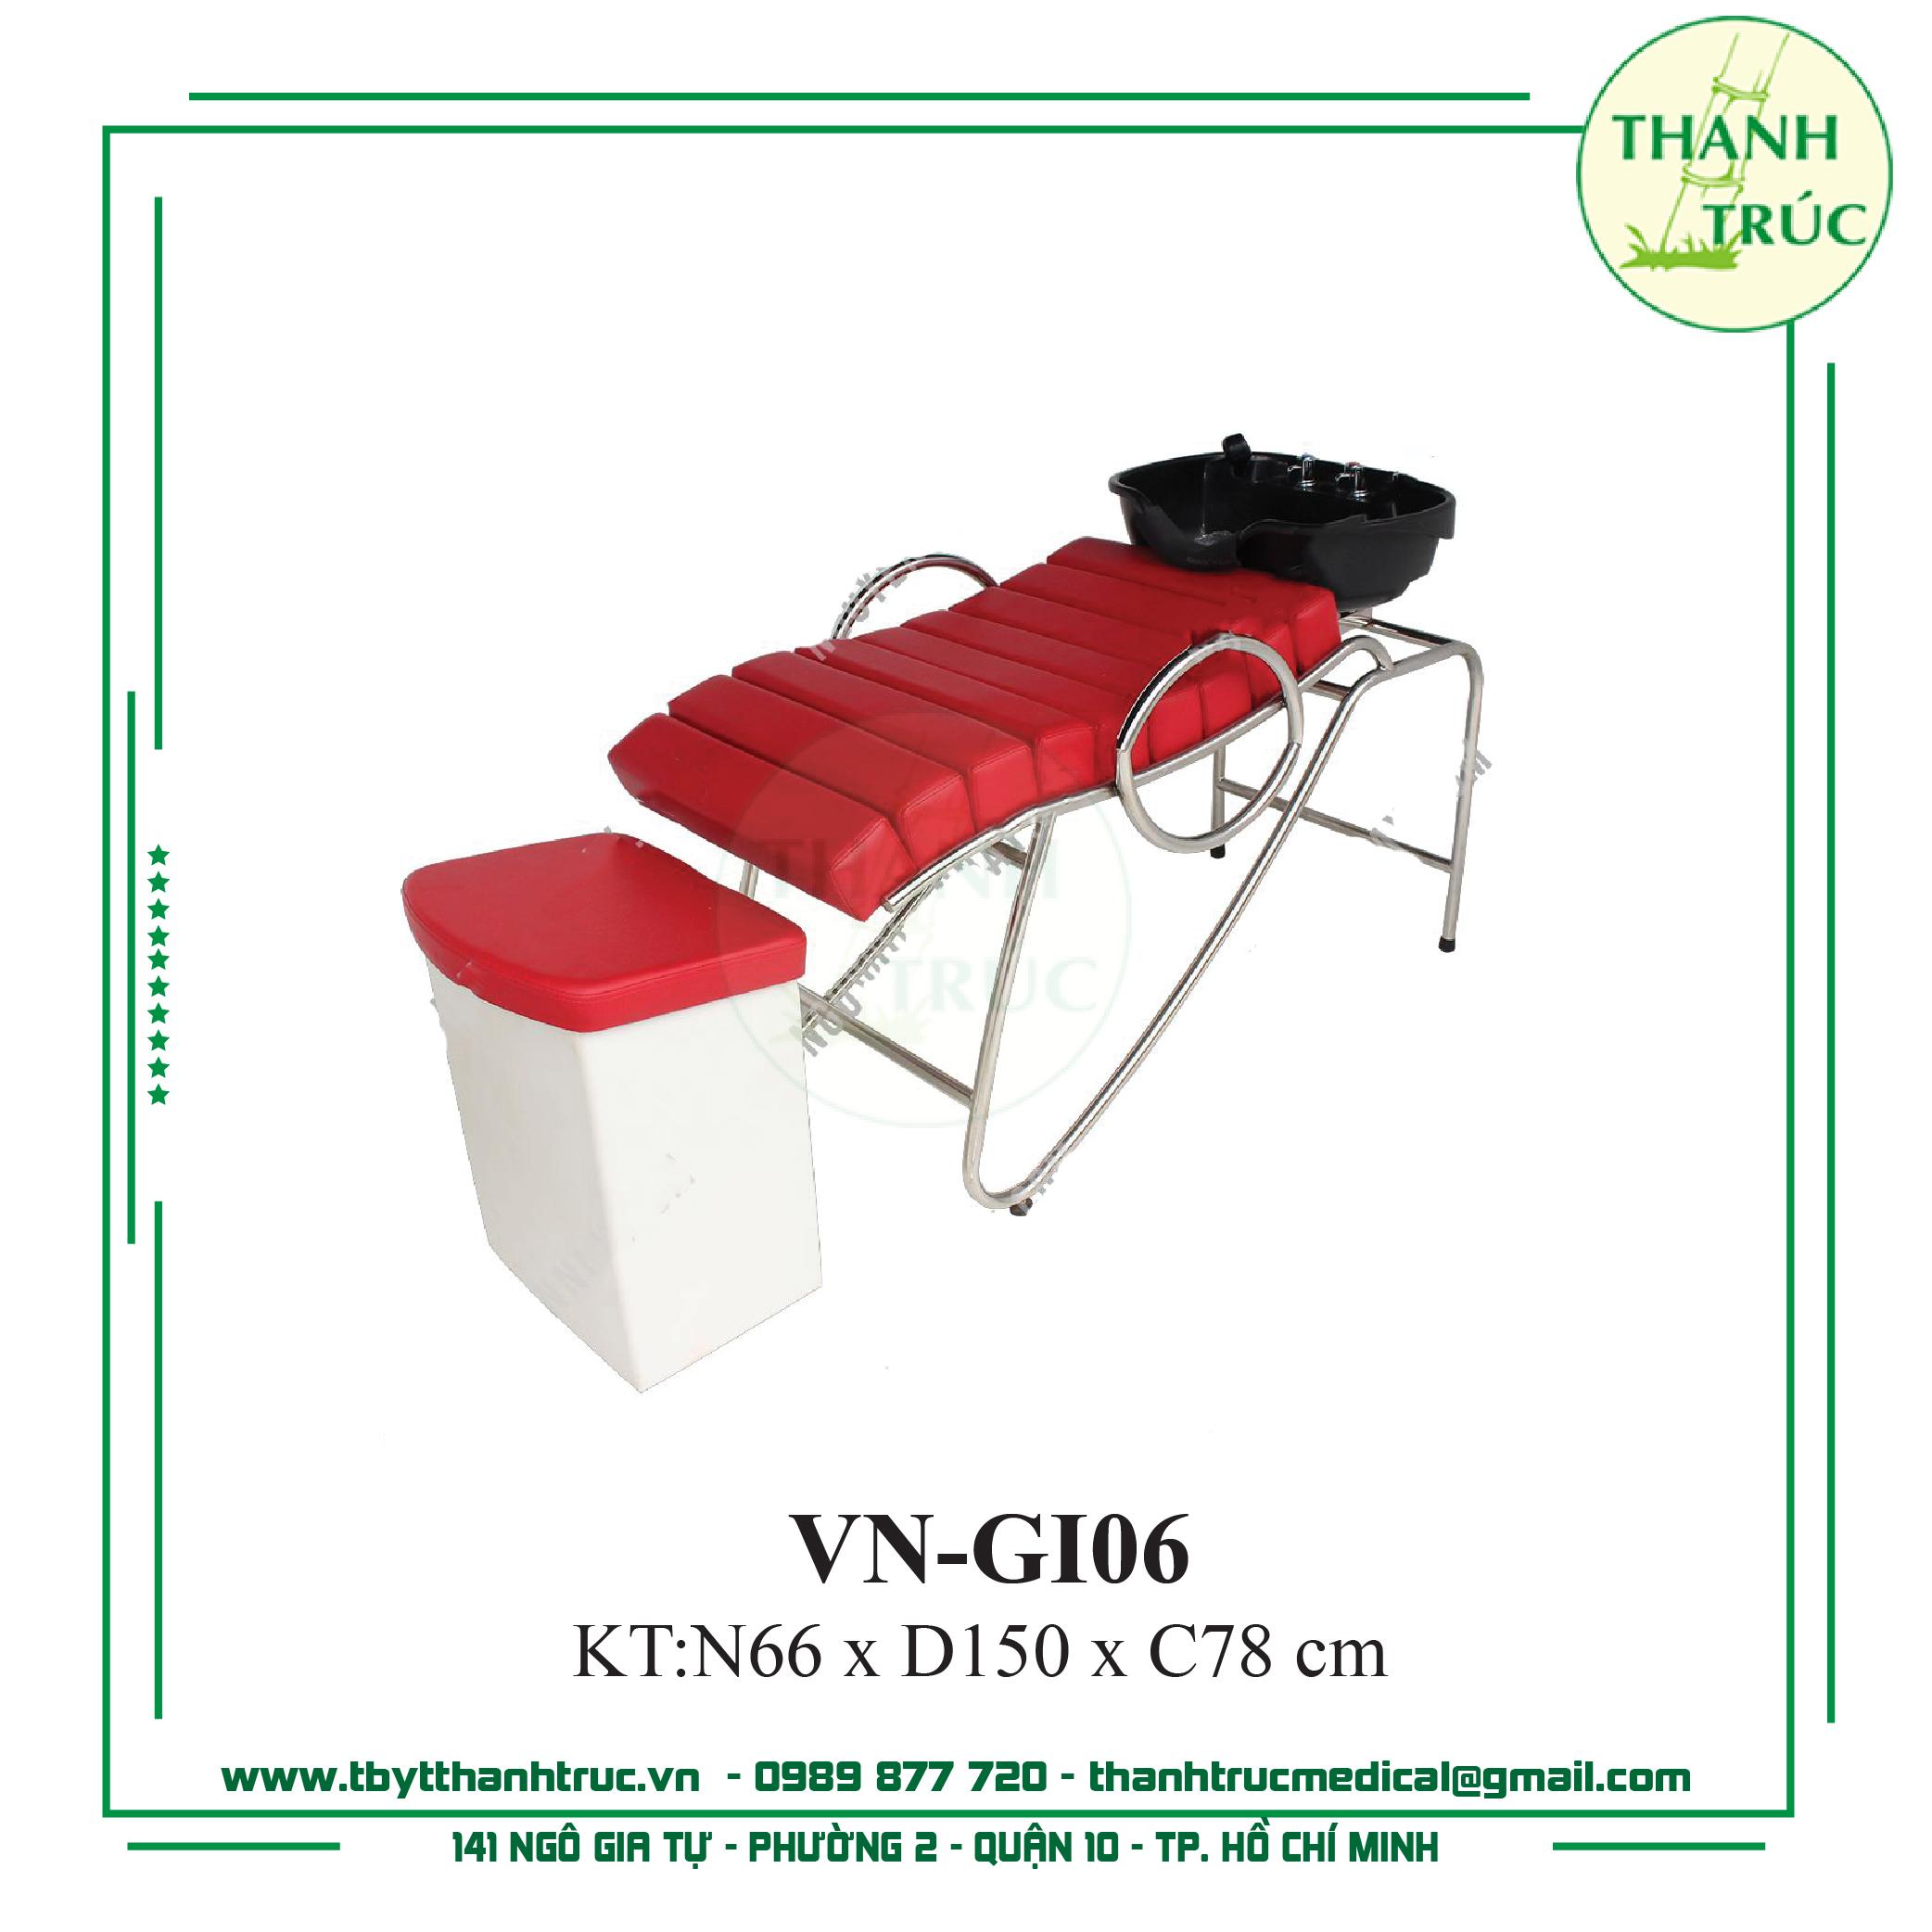 Giường Gội Inox VN-GI06